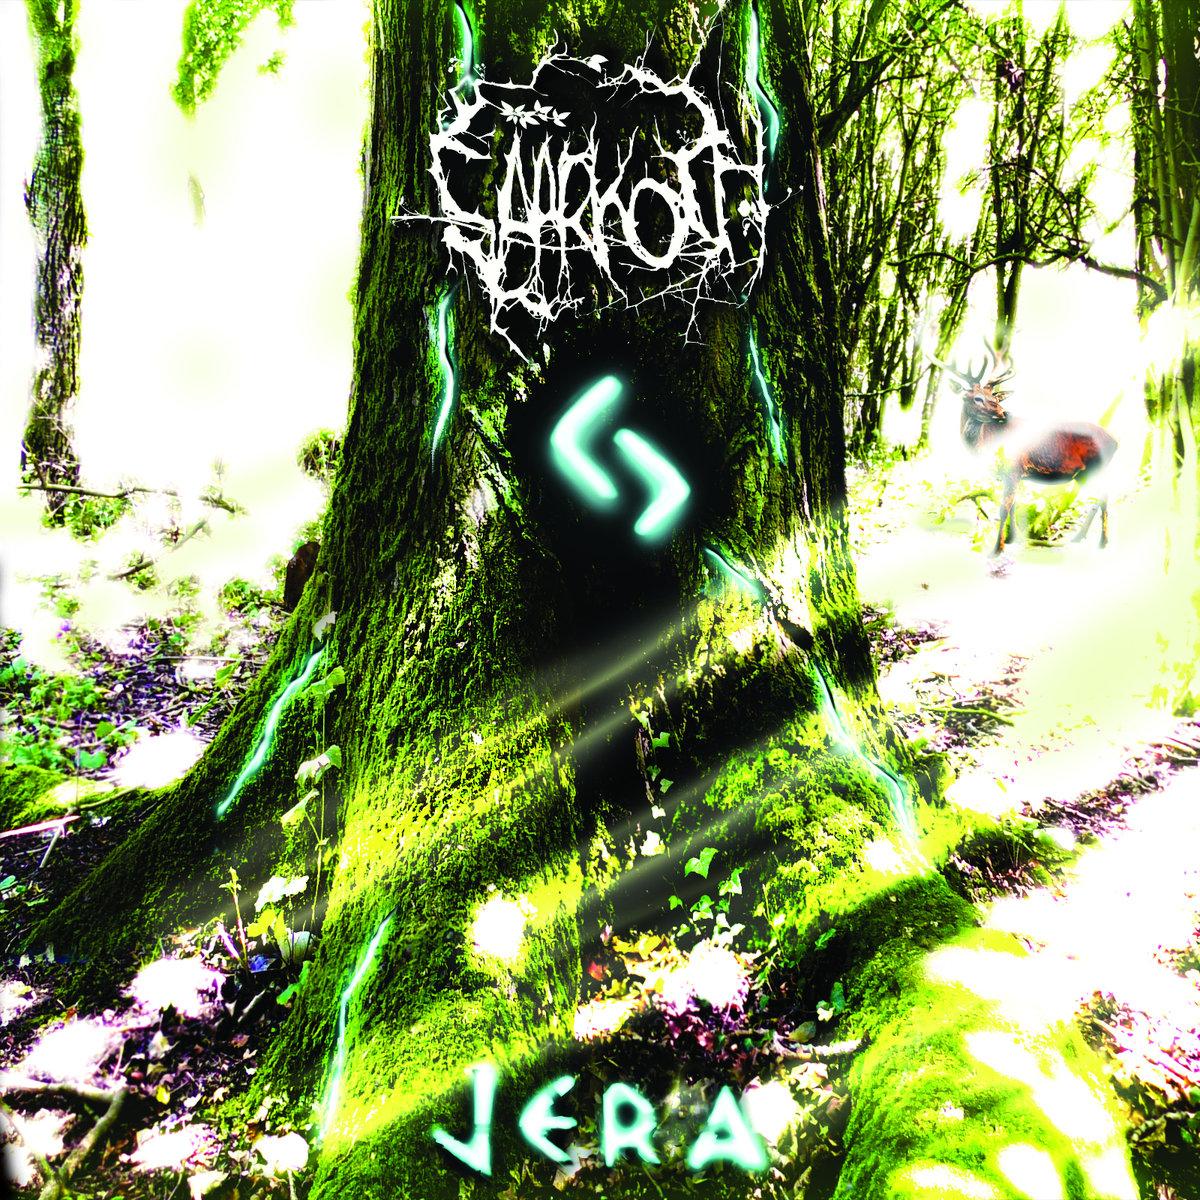 Saarkoth - Forest folk darkness